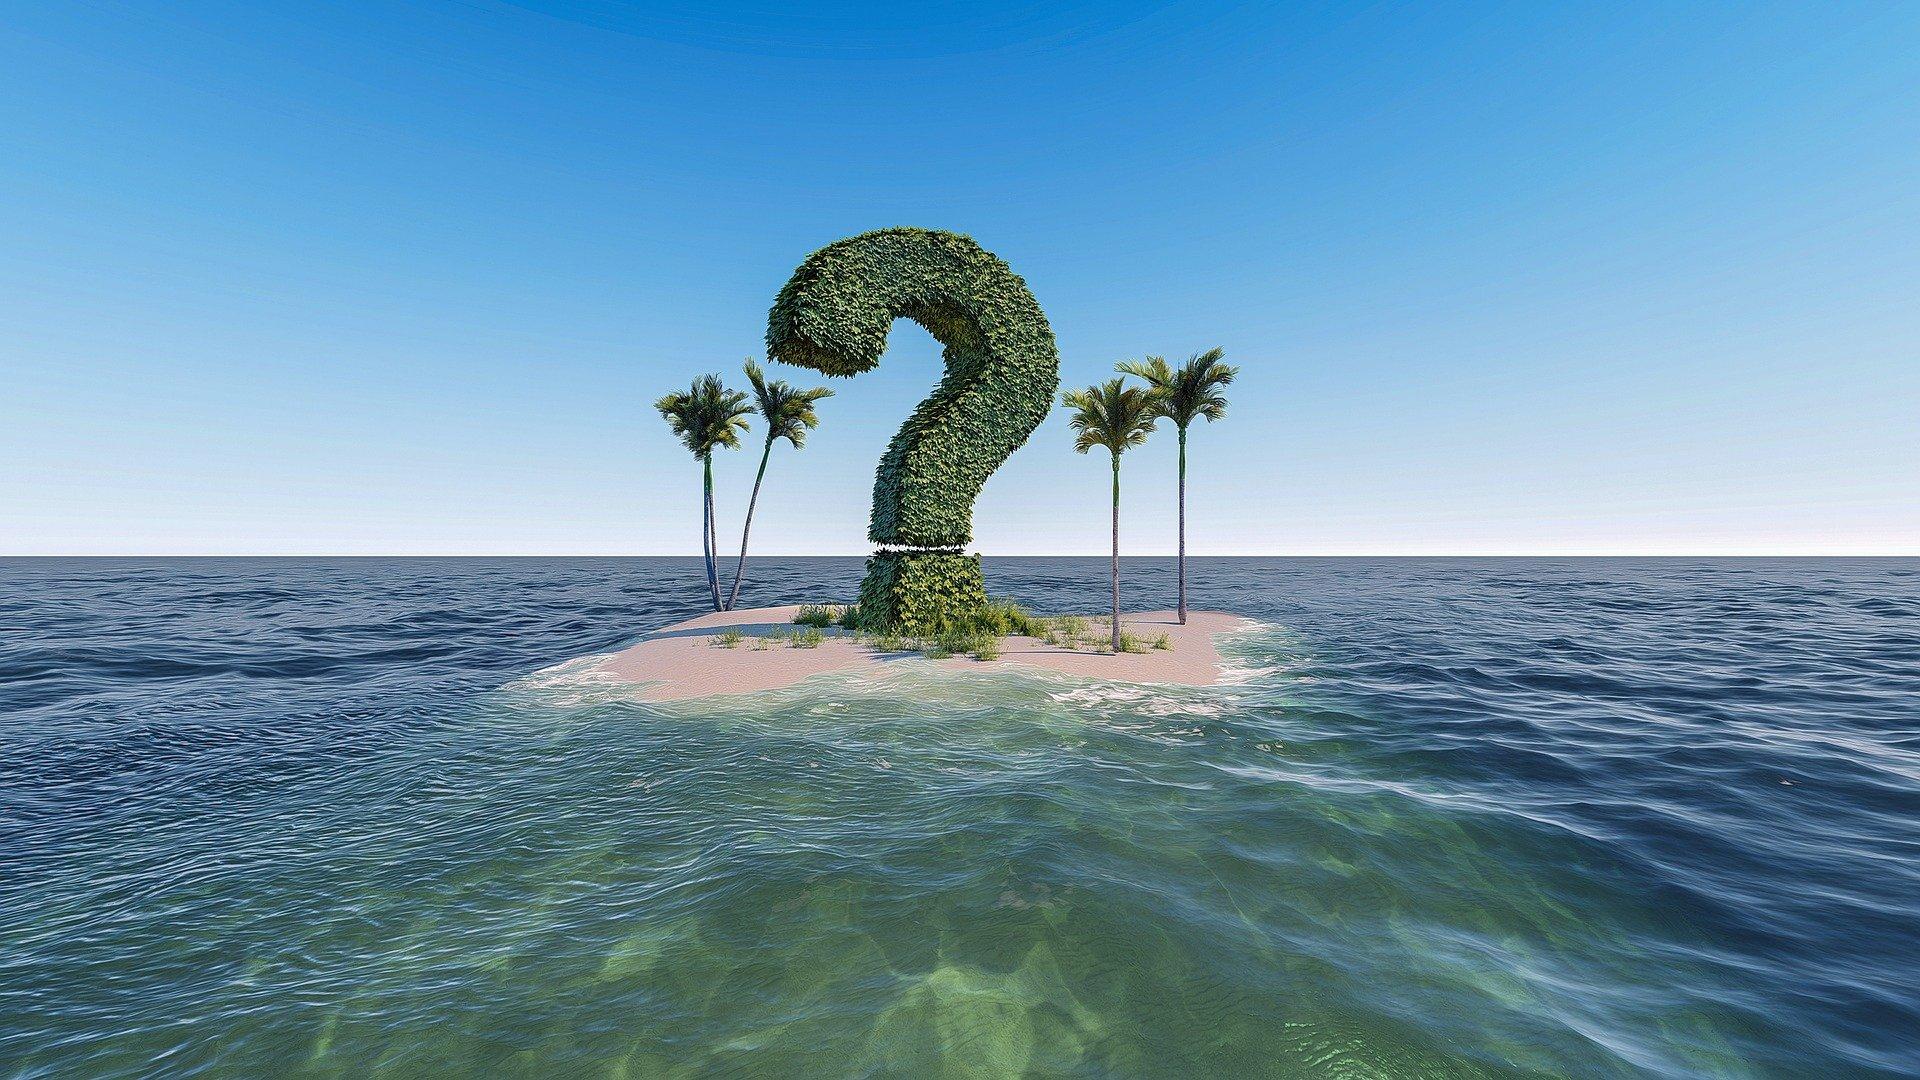 un'isola con alcune palme ue una vegetazione a disegnare un punto di domanda enorme